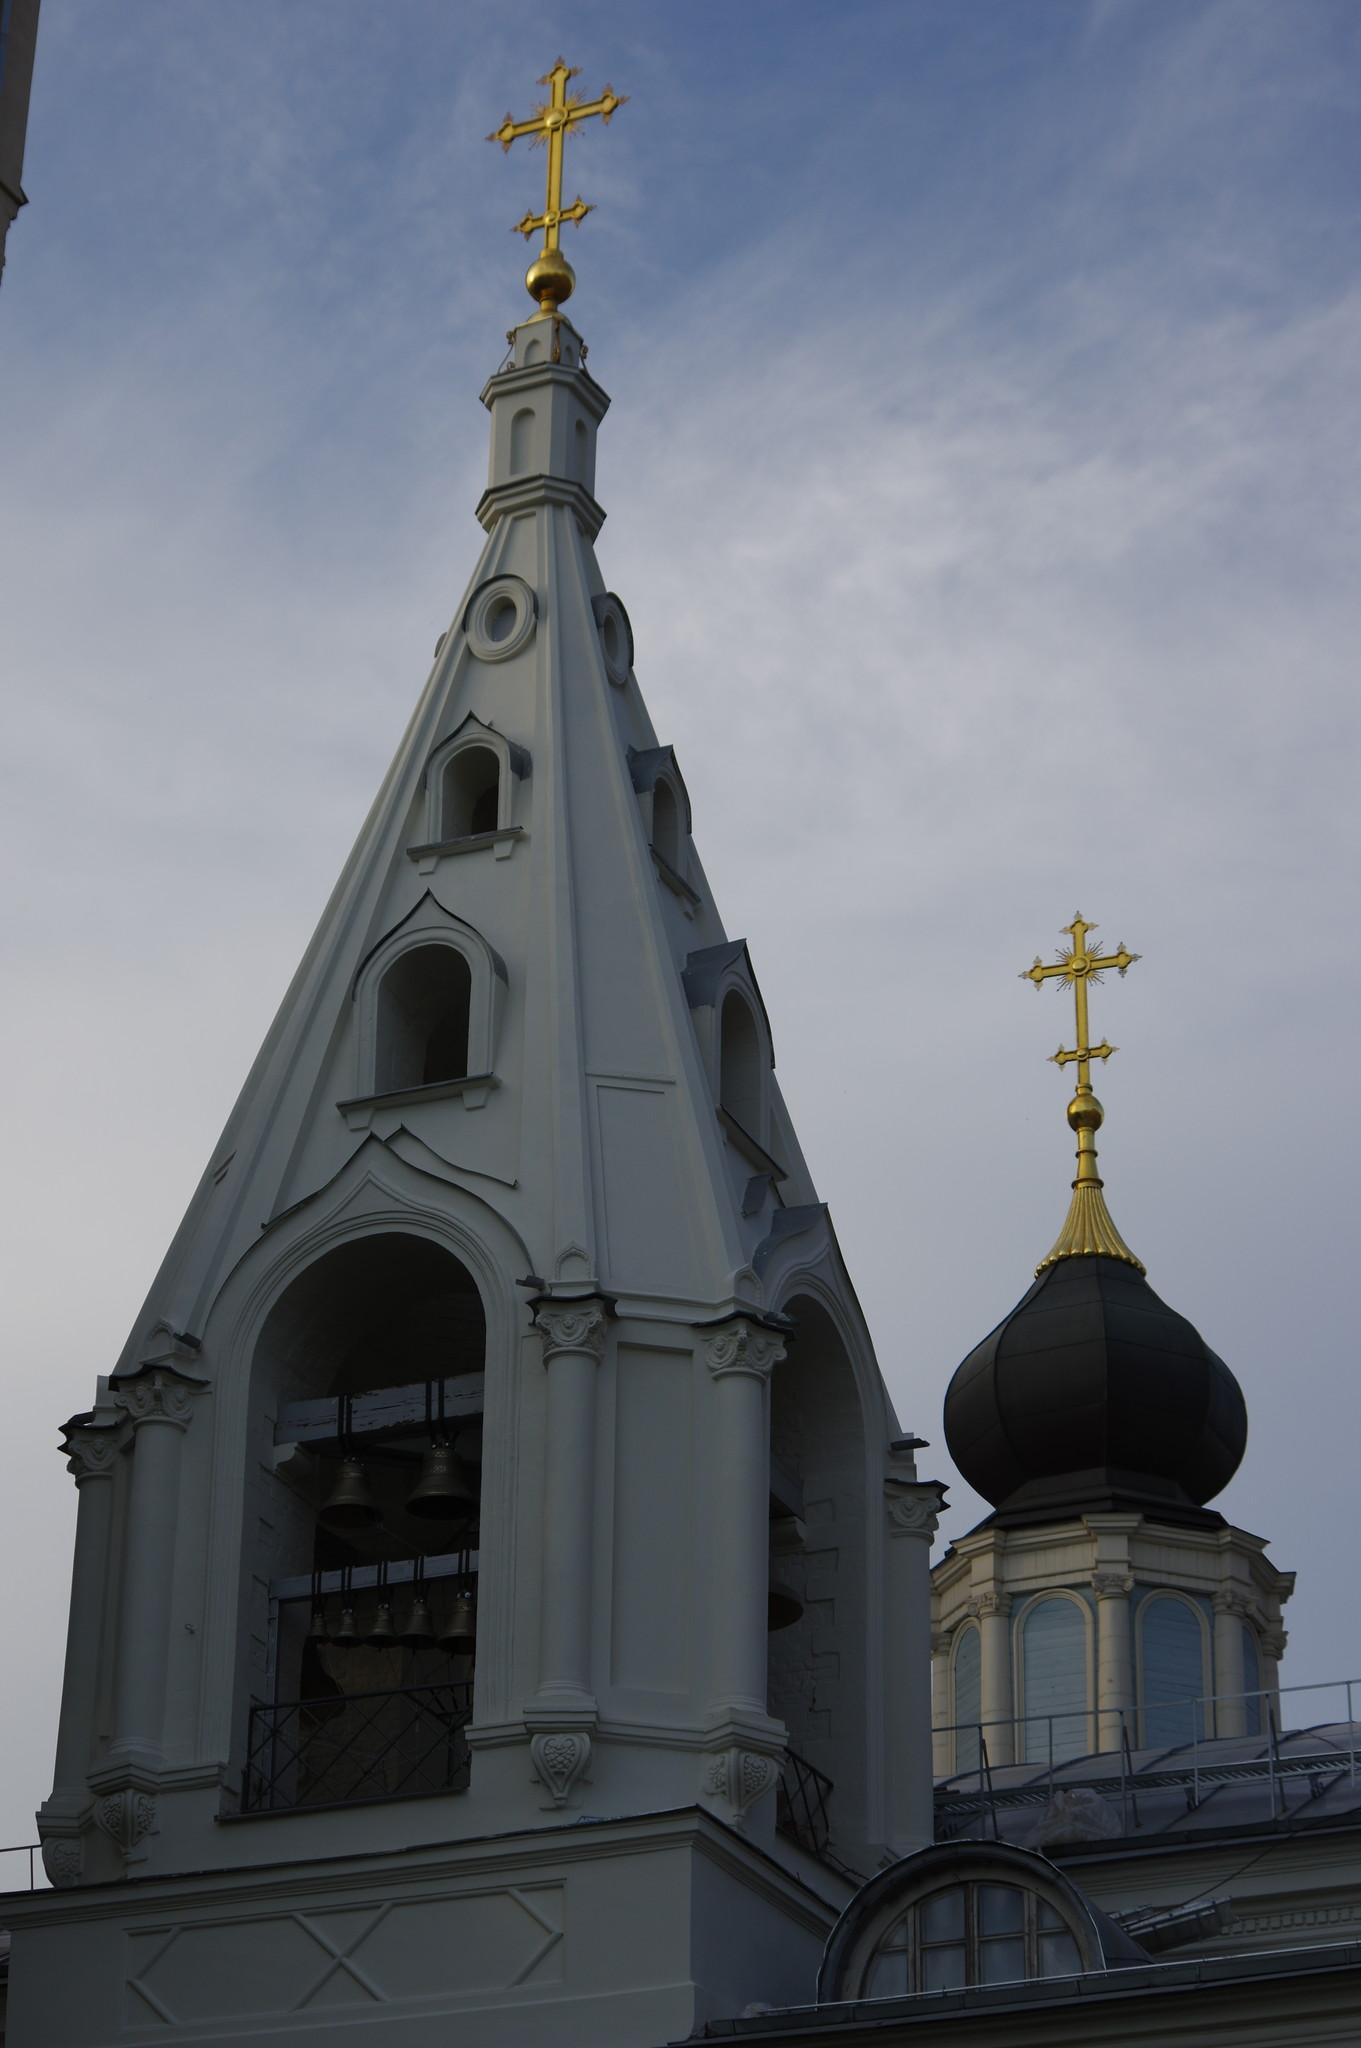 Церковь Успения Пресвятой Богородицы на Успенском вражке